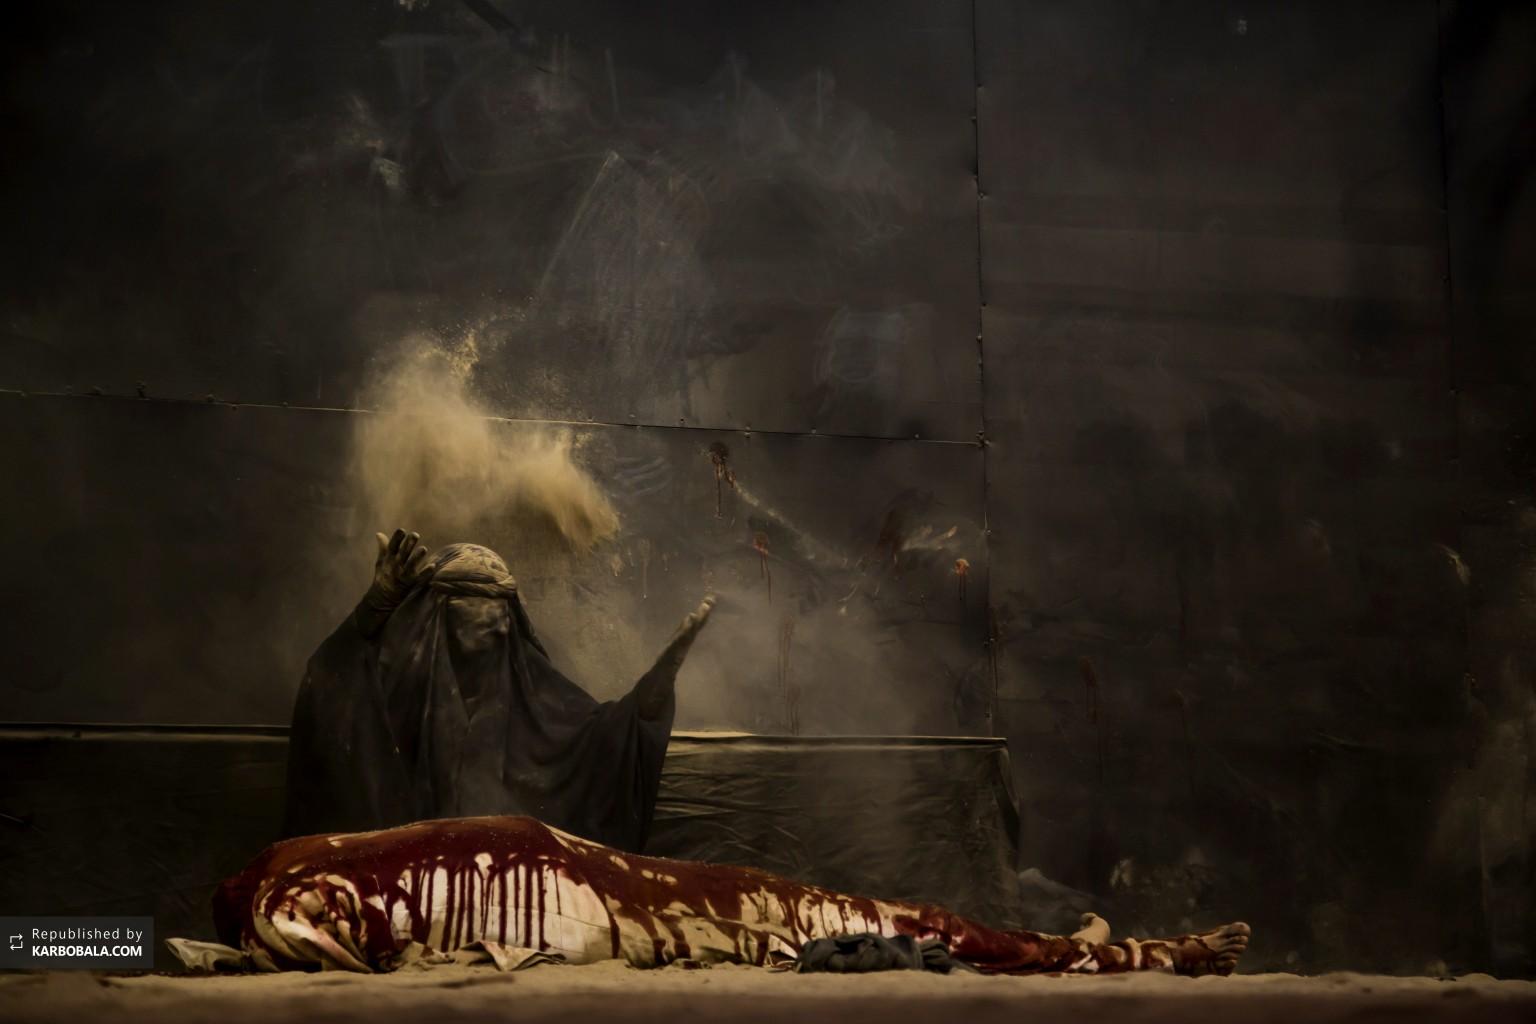 مراسم تعزیه با موضوع شهادت امام حسین علیه السلام